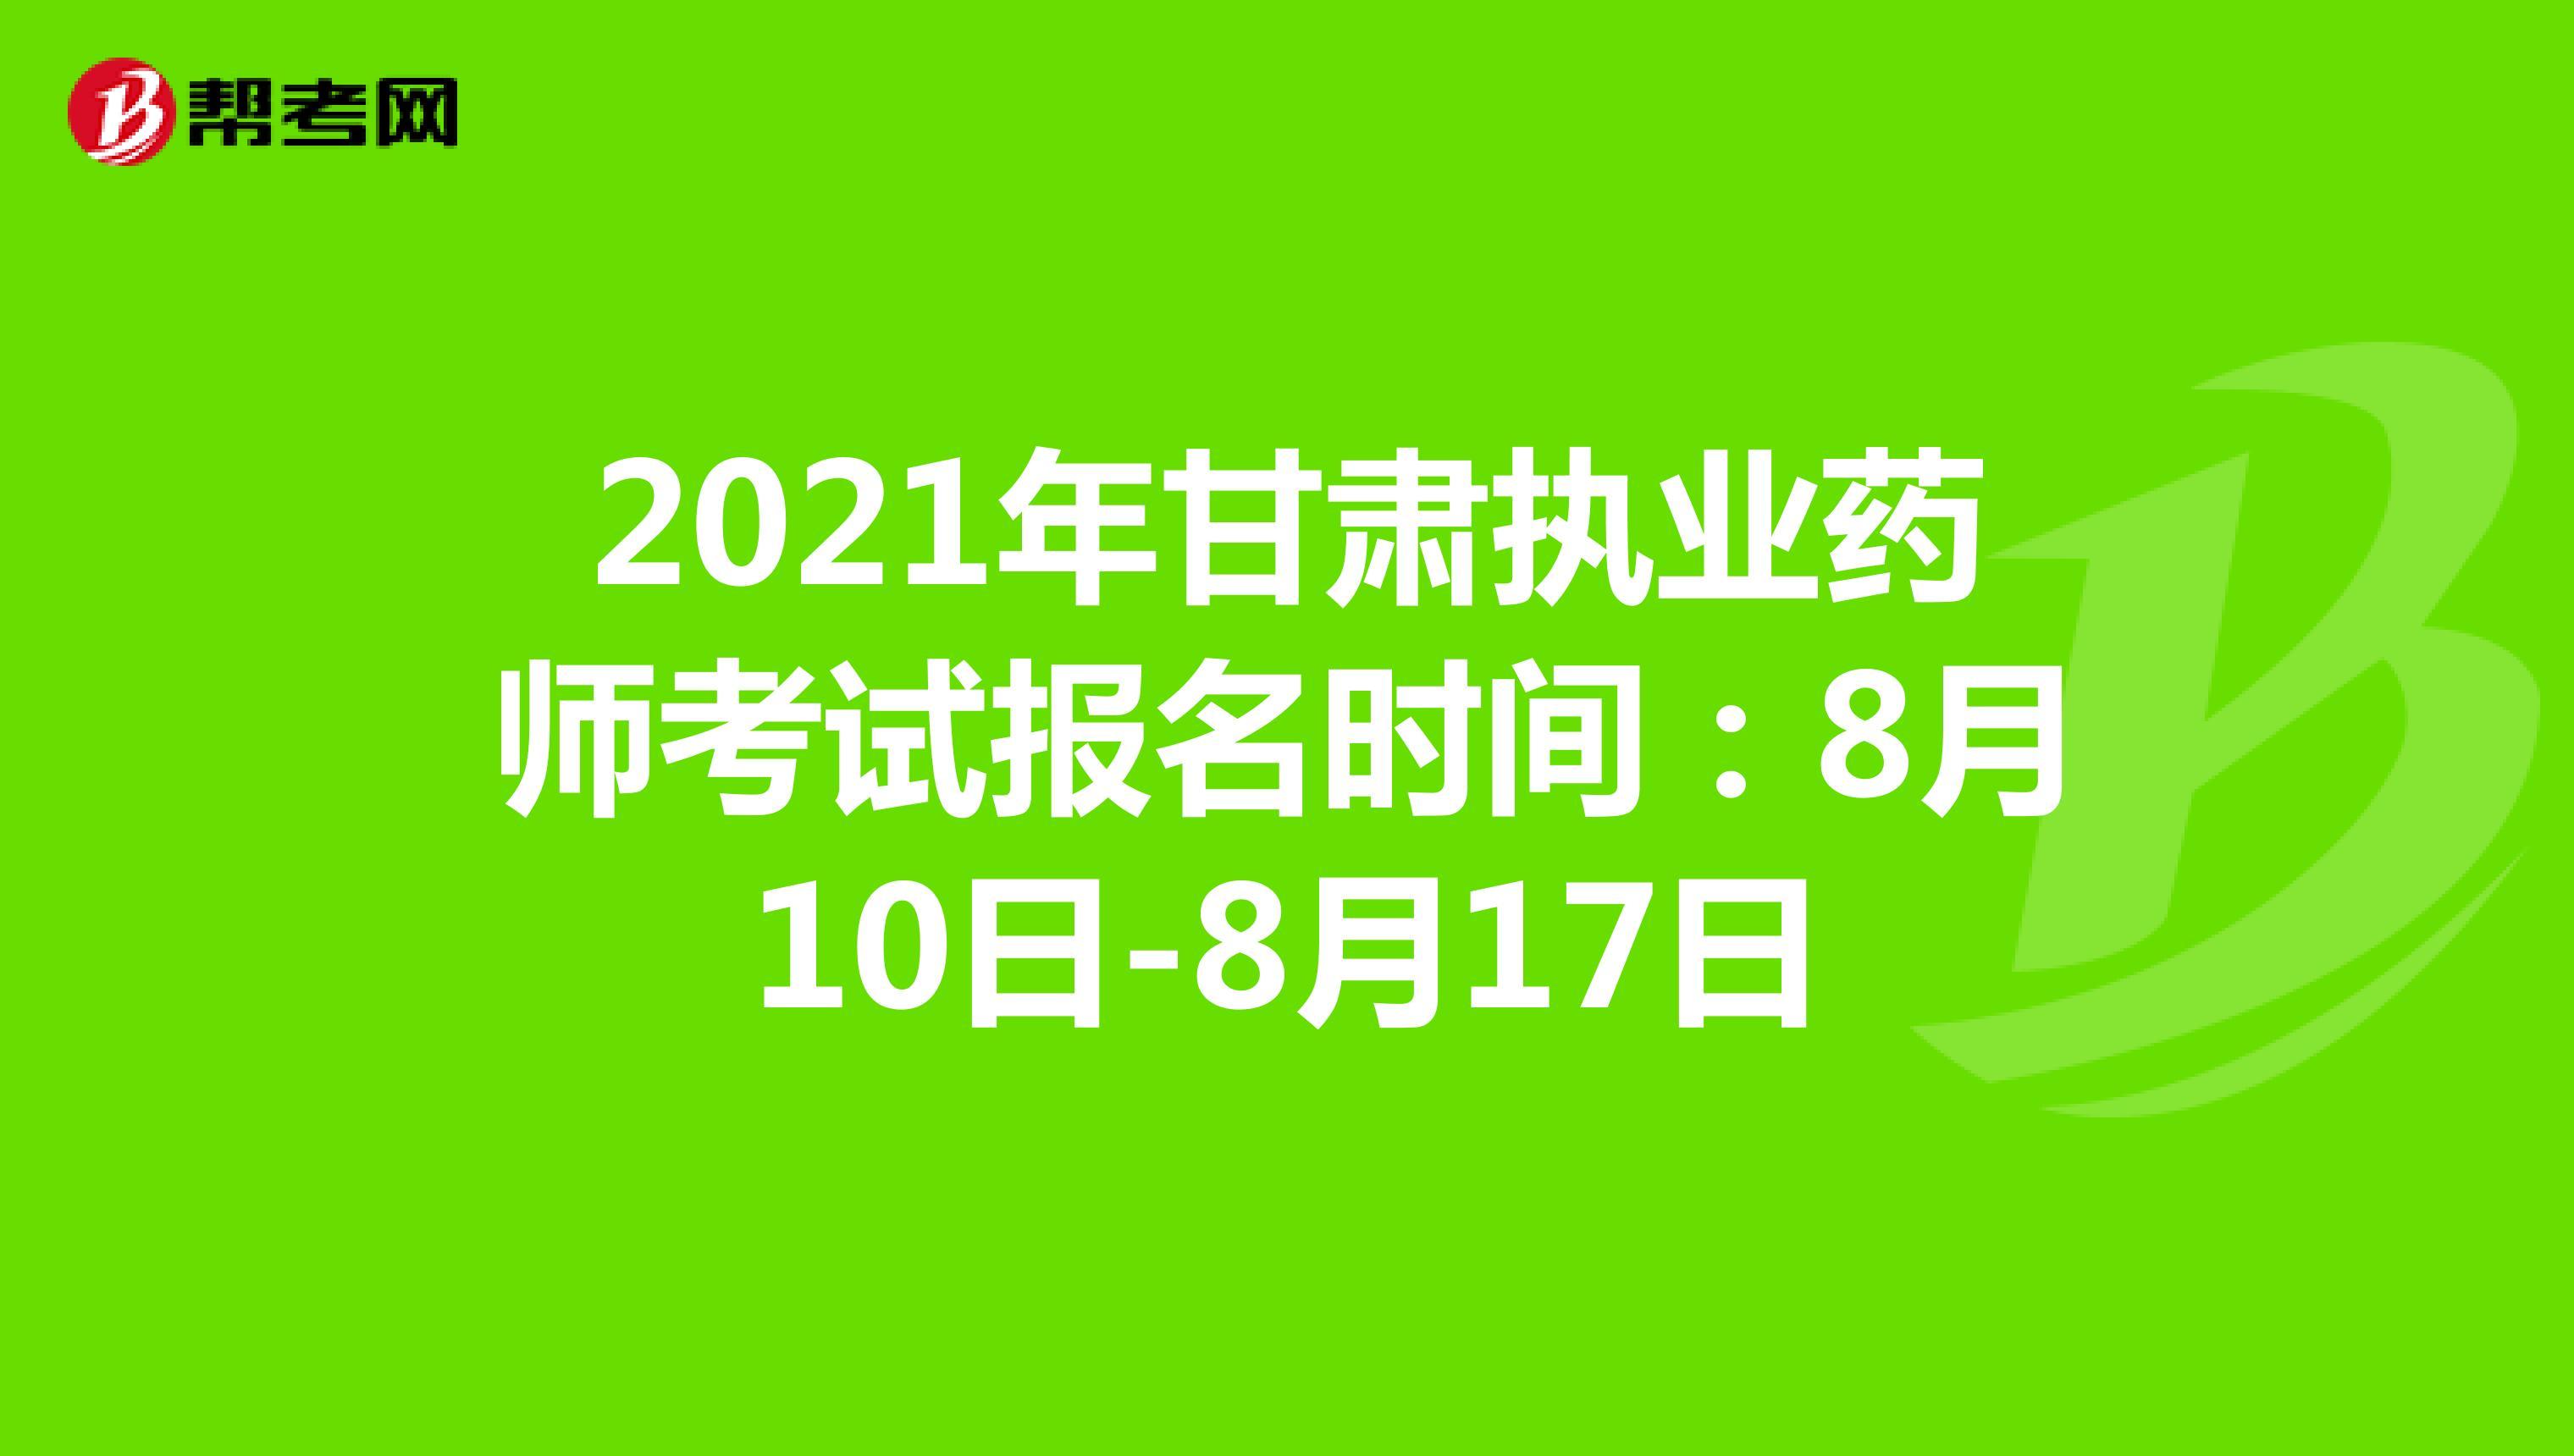 2021年甘肃执业药师考试报名时间:8月10日-8月17日